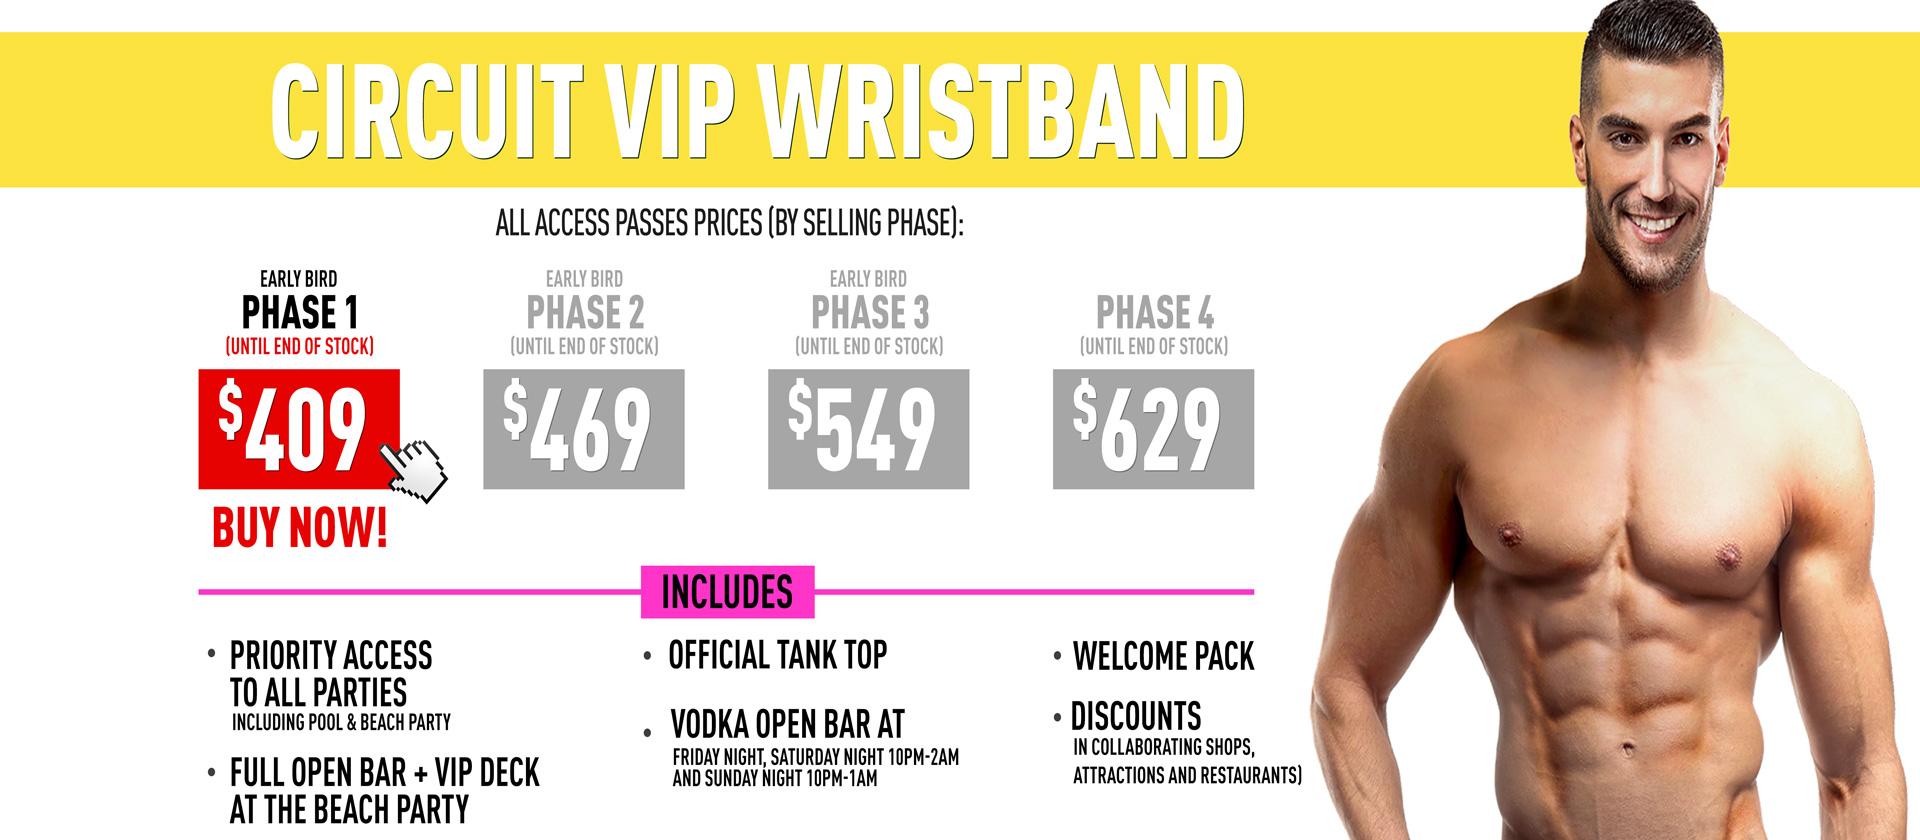 BUY VIP PASS